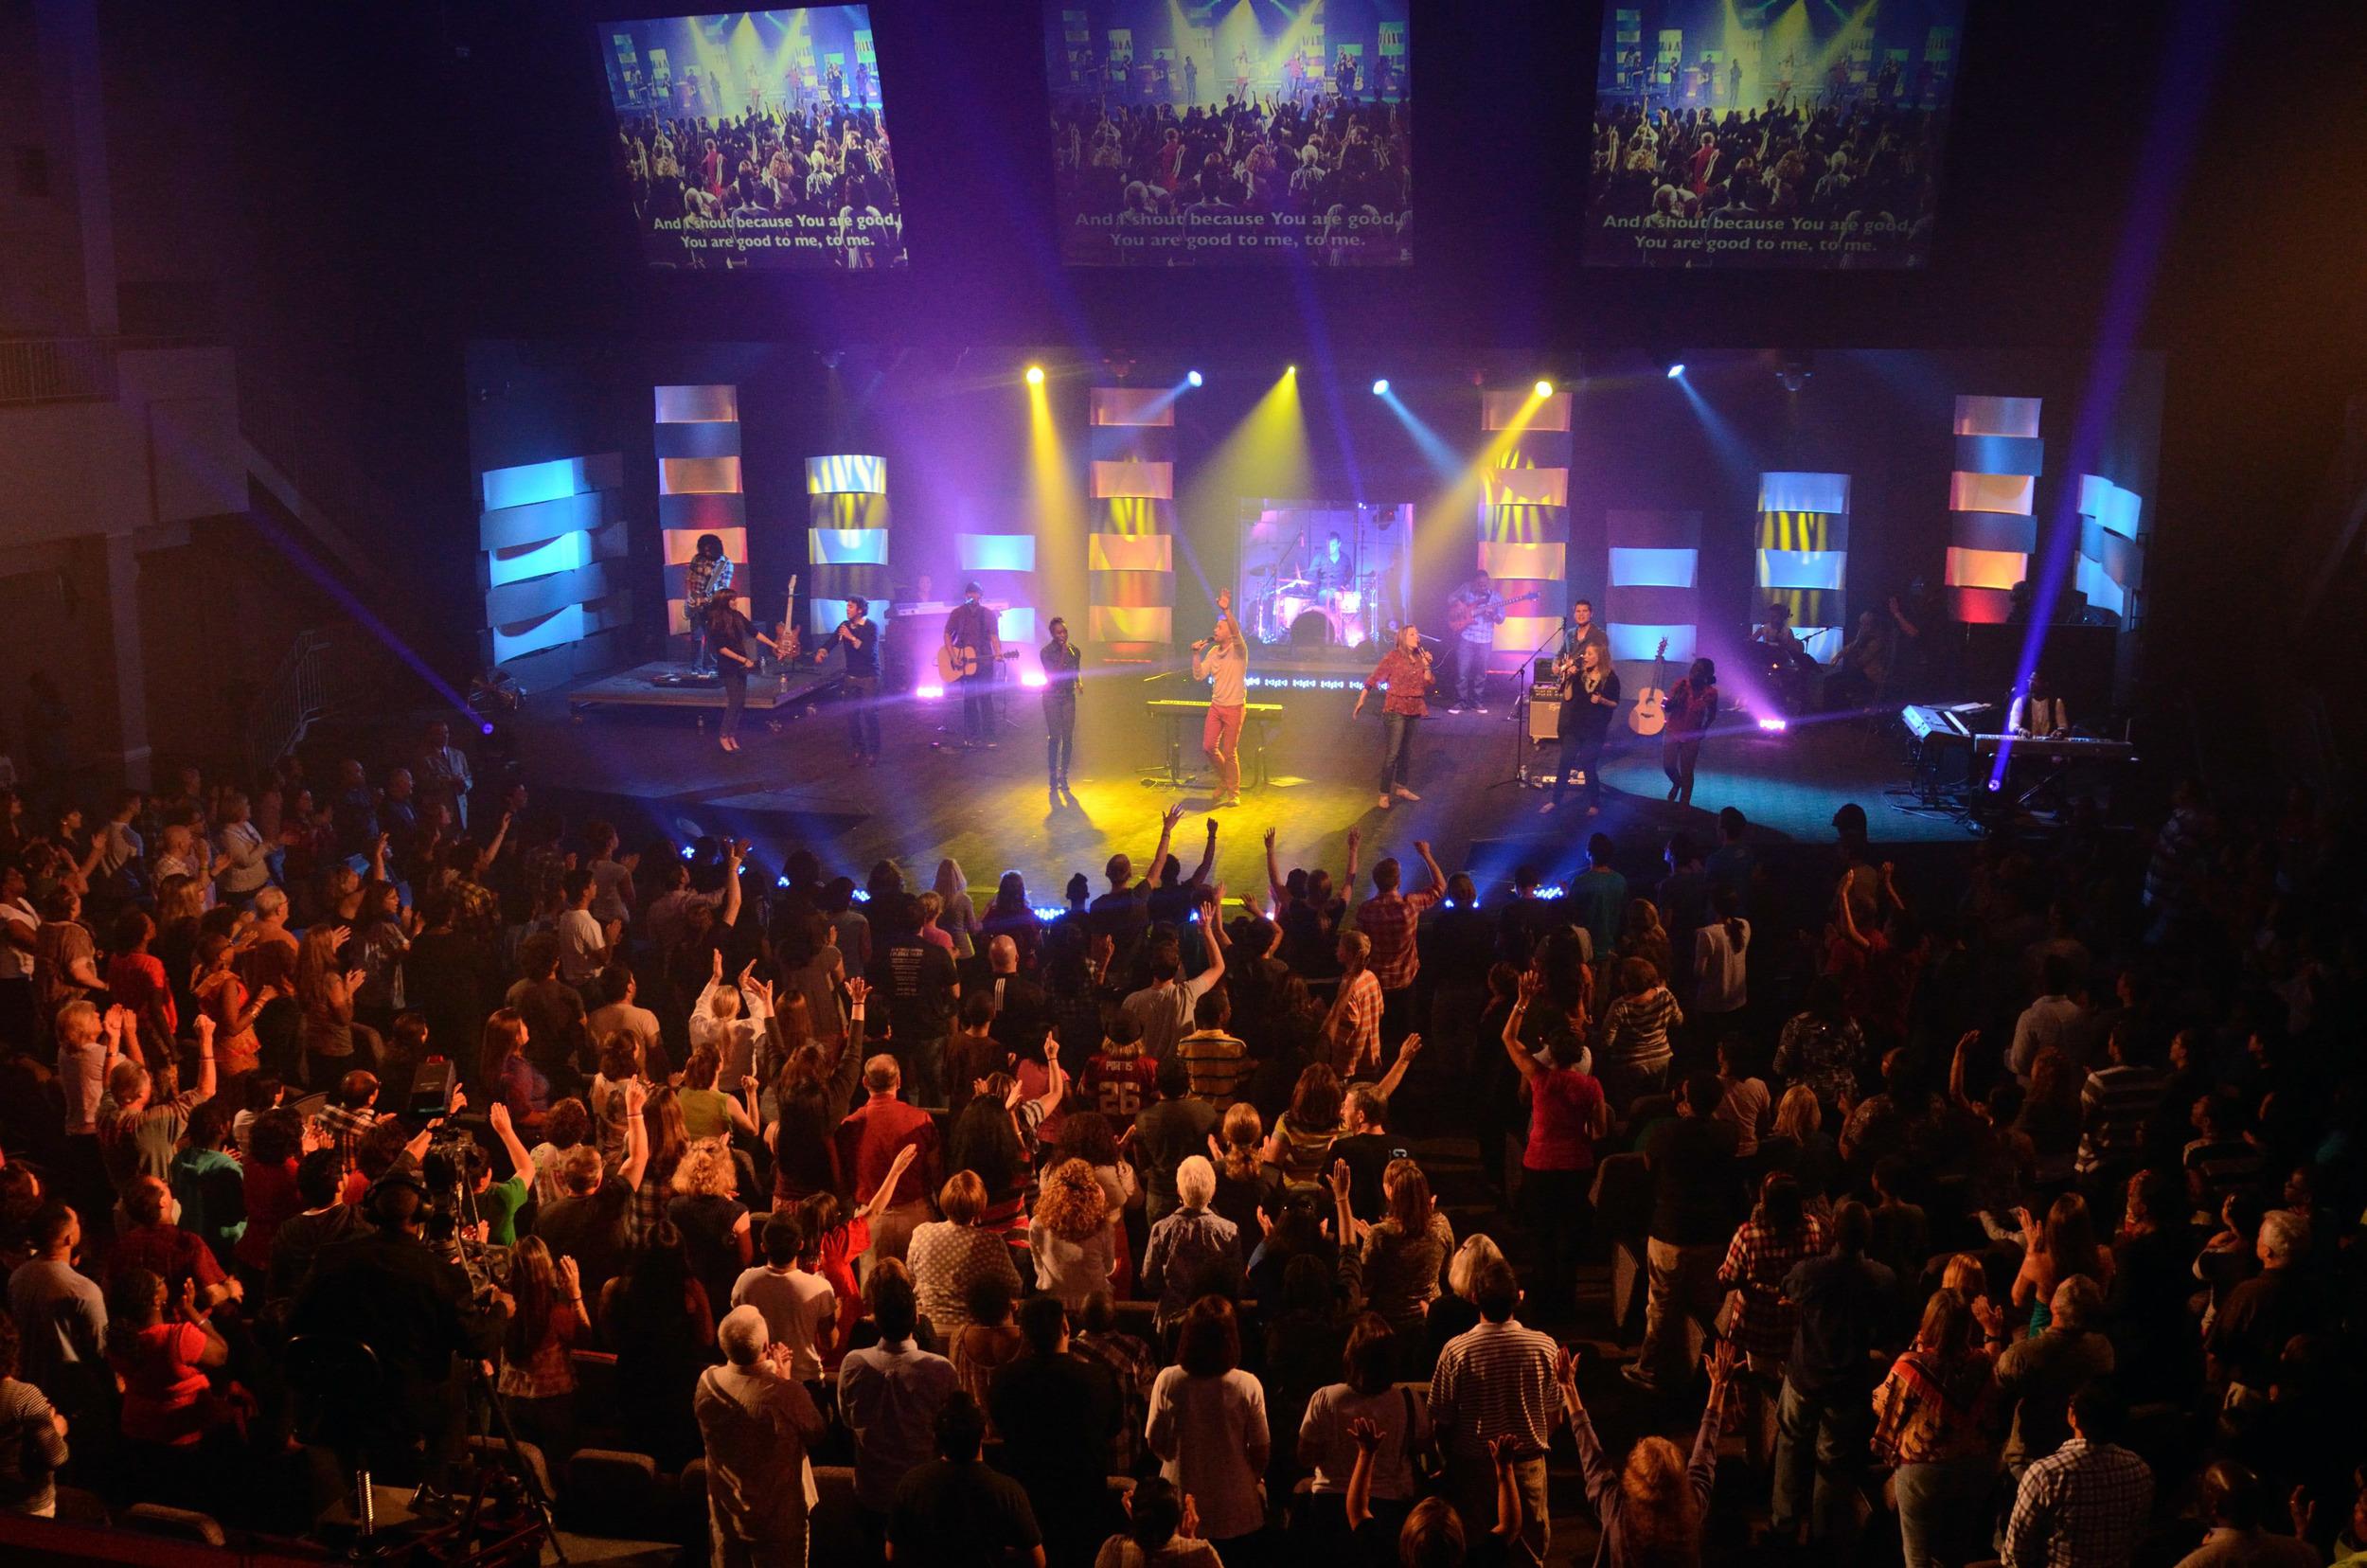 COR_Gaithersburg_Campus_Worship_Center_04.jpg